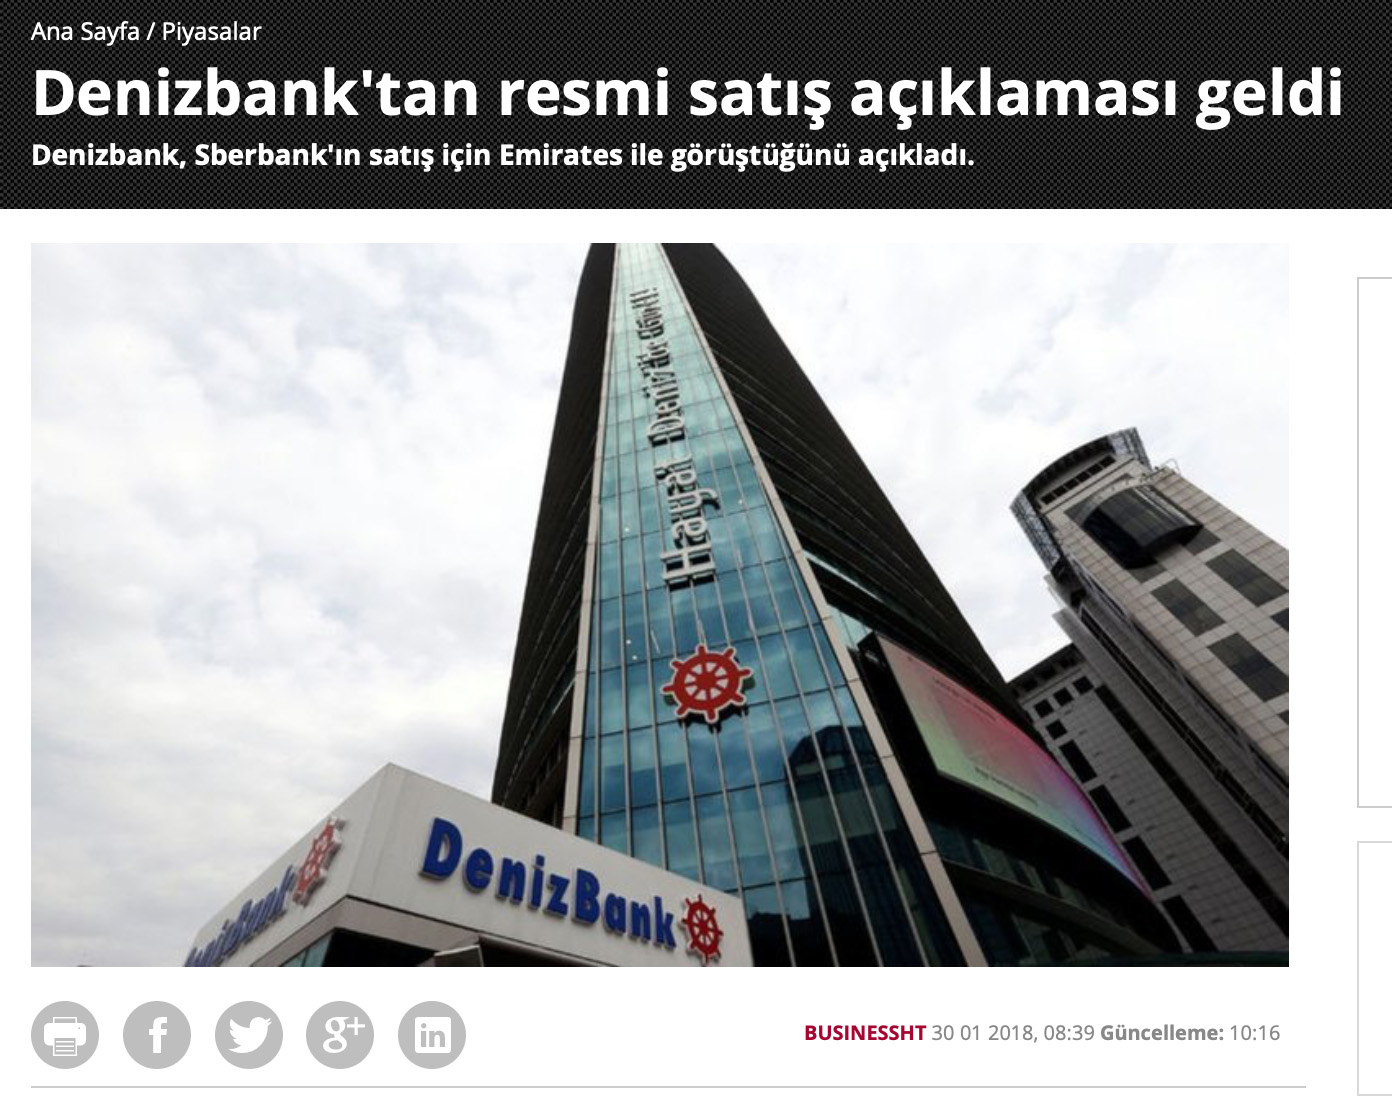 _2 Denizbank'tan resmi satış açıklaması geldi | Piyasalar Haberleri 2019-12-22 02-07-32 copy.jpg